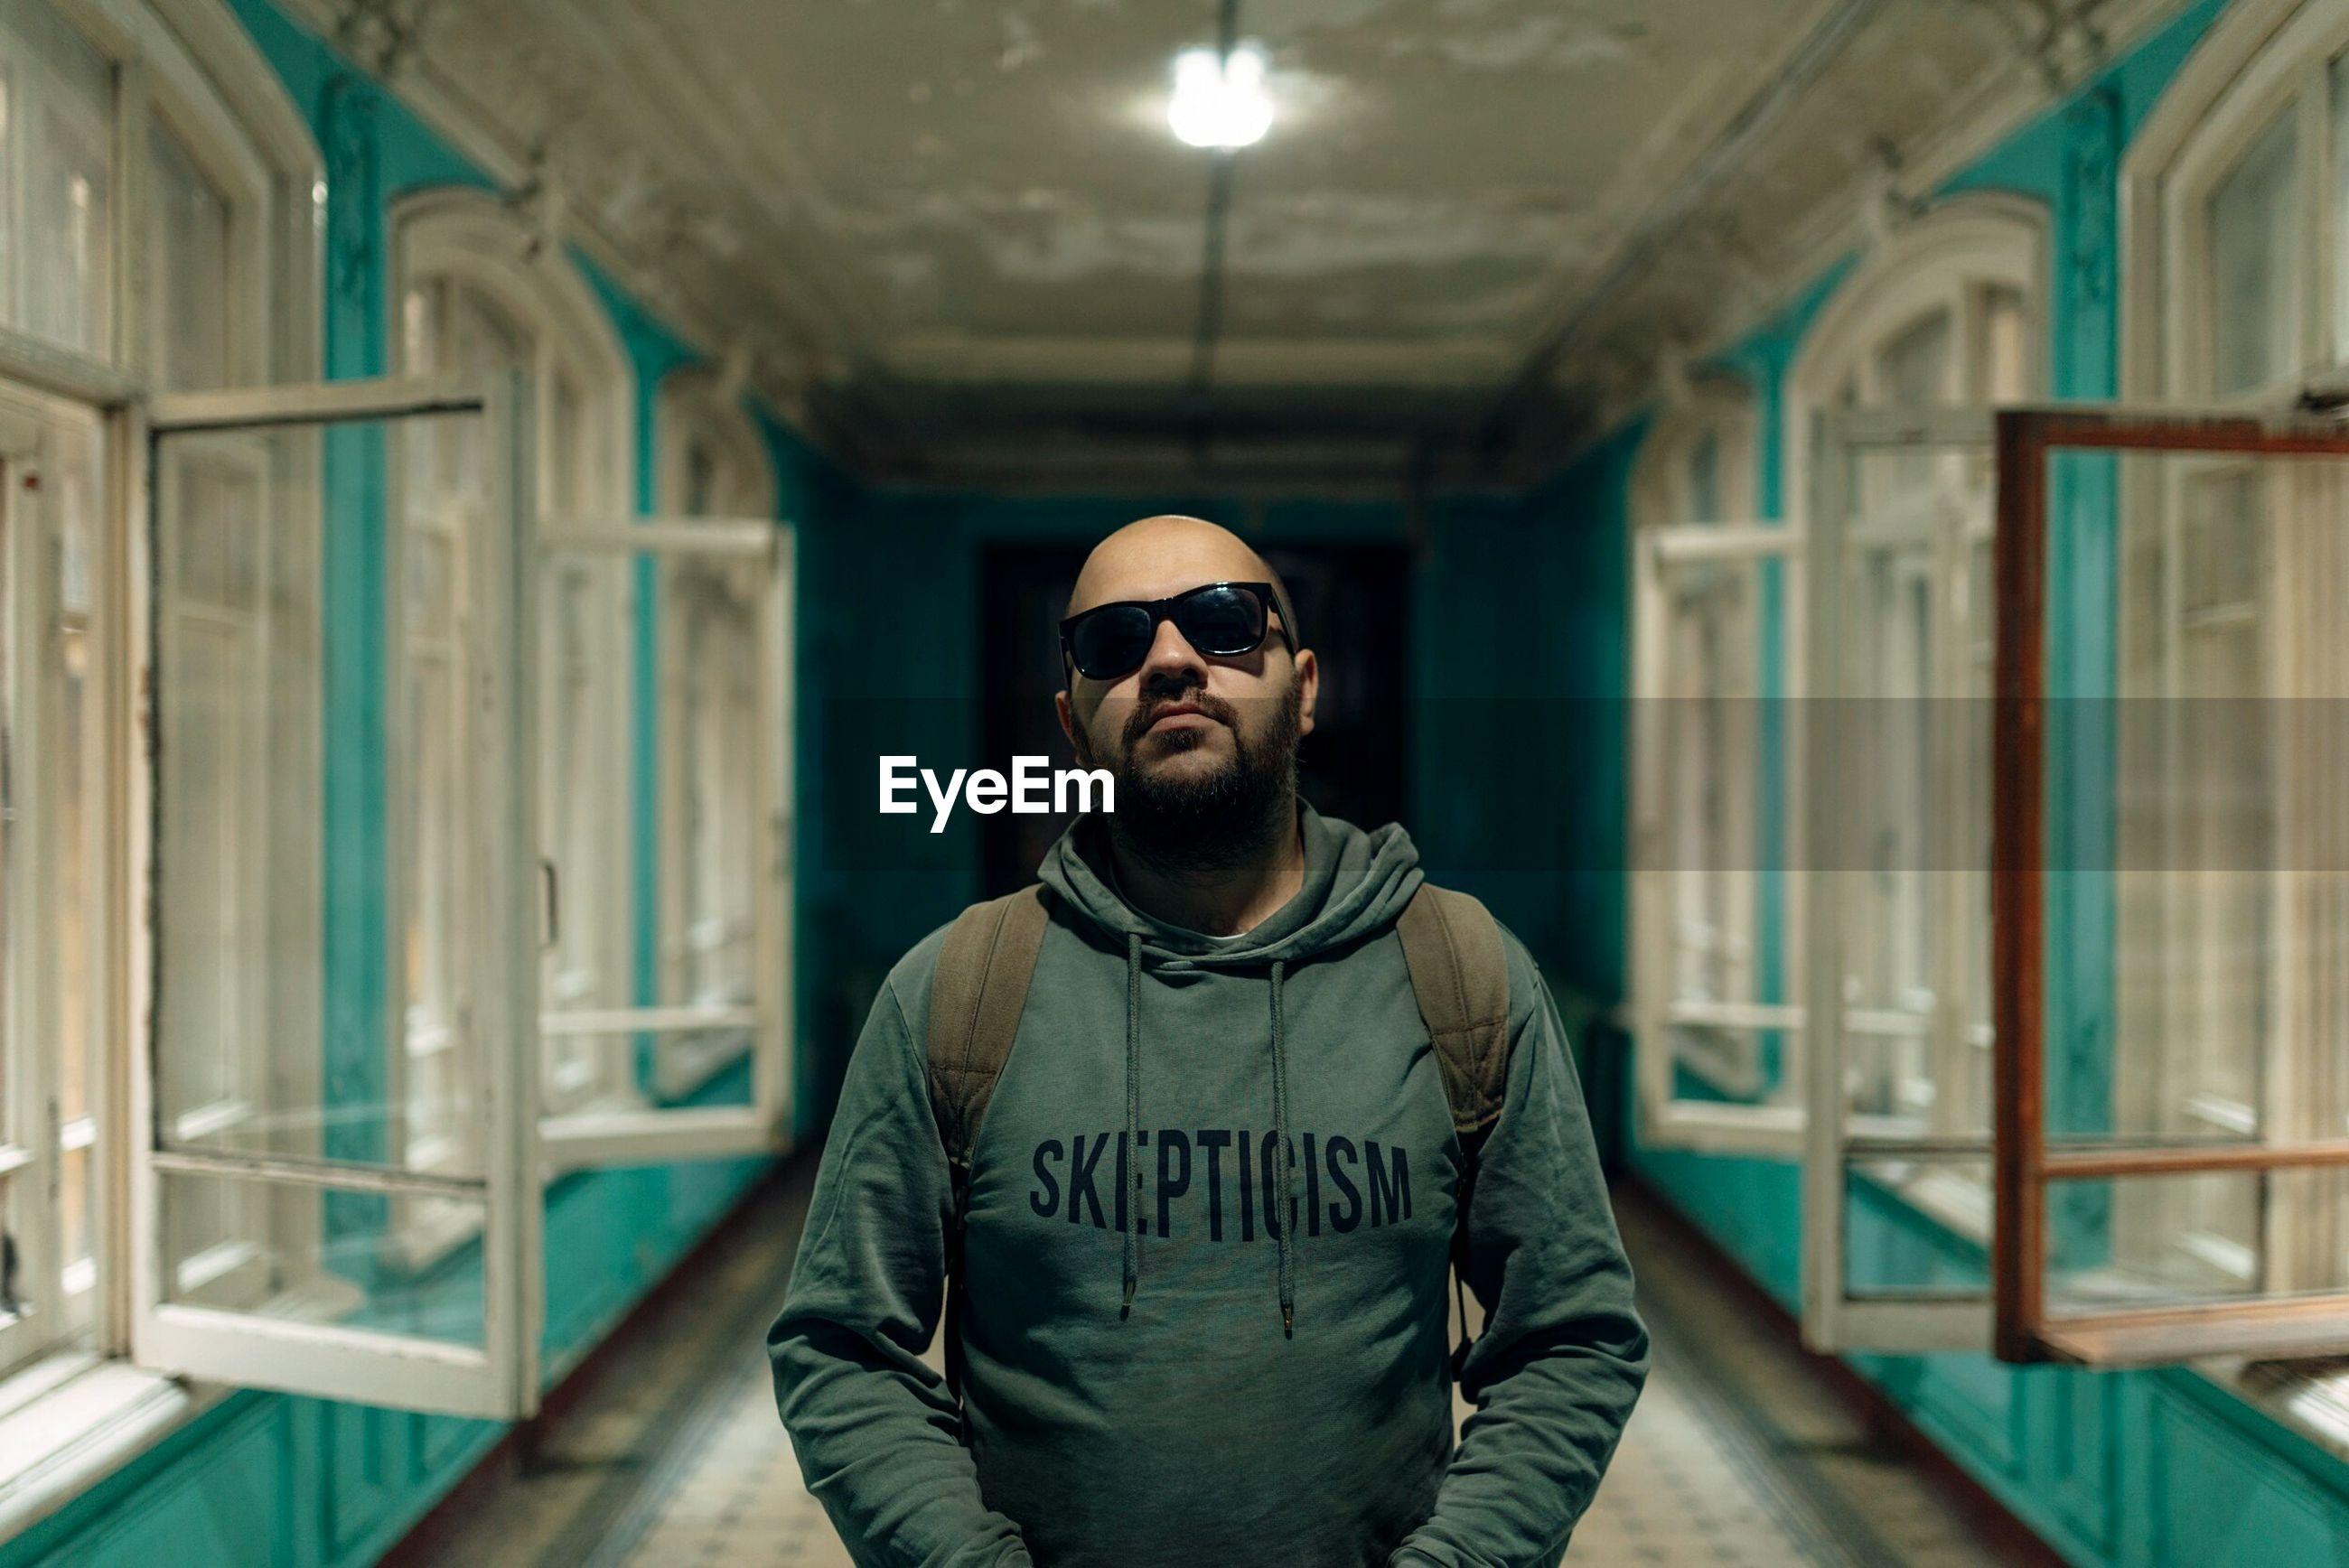 Portrait of man wearing sunglasses standing amidst open windows in corridor